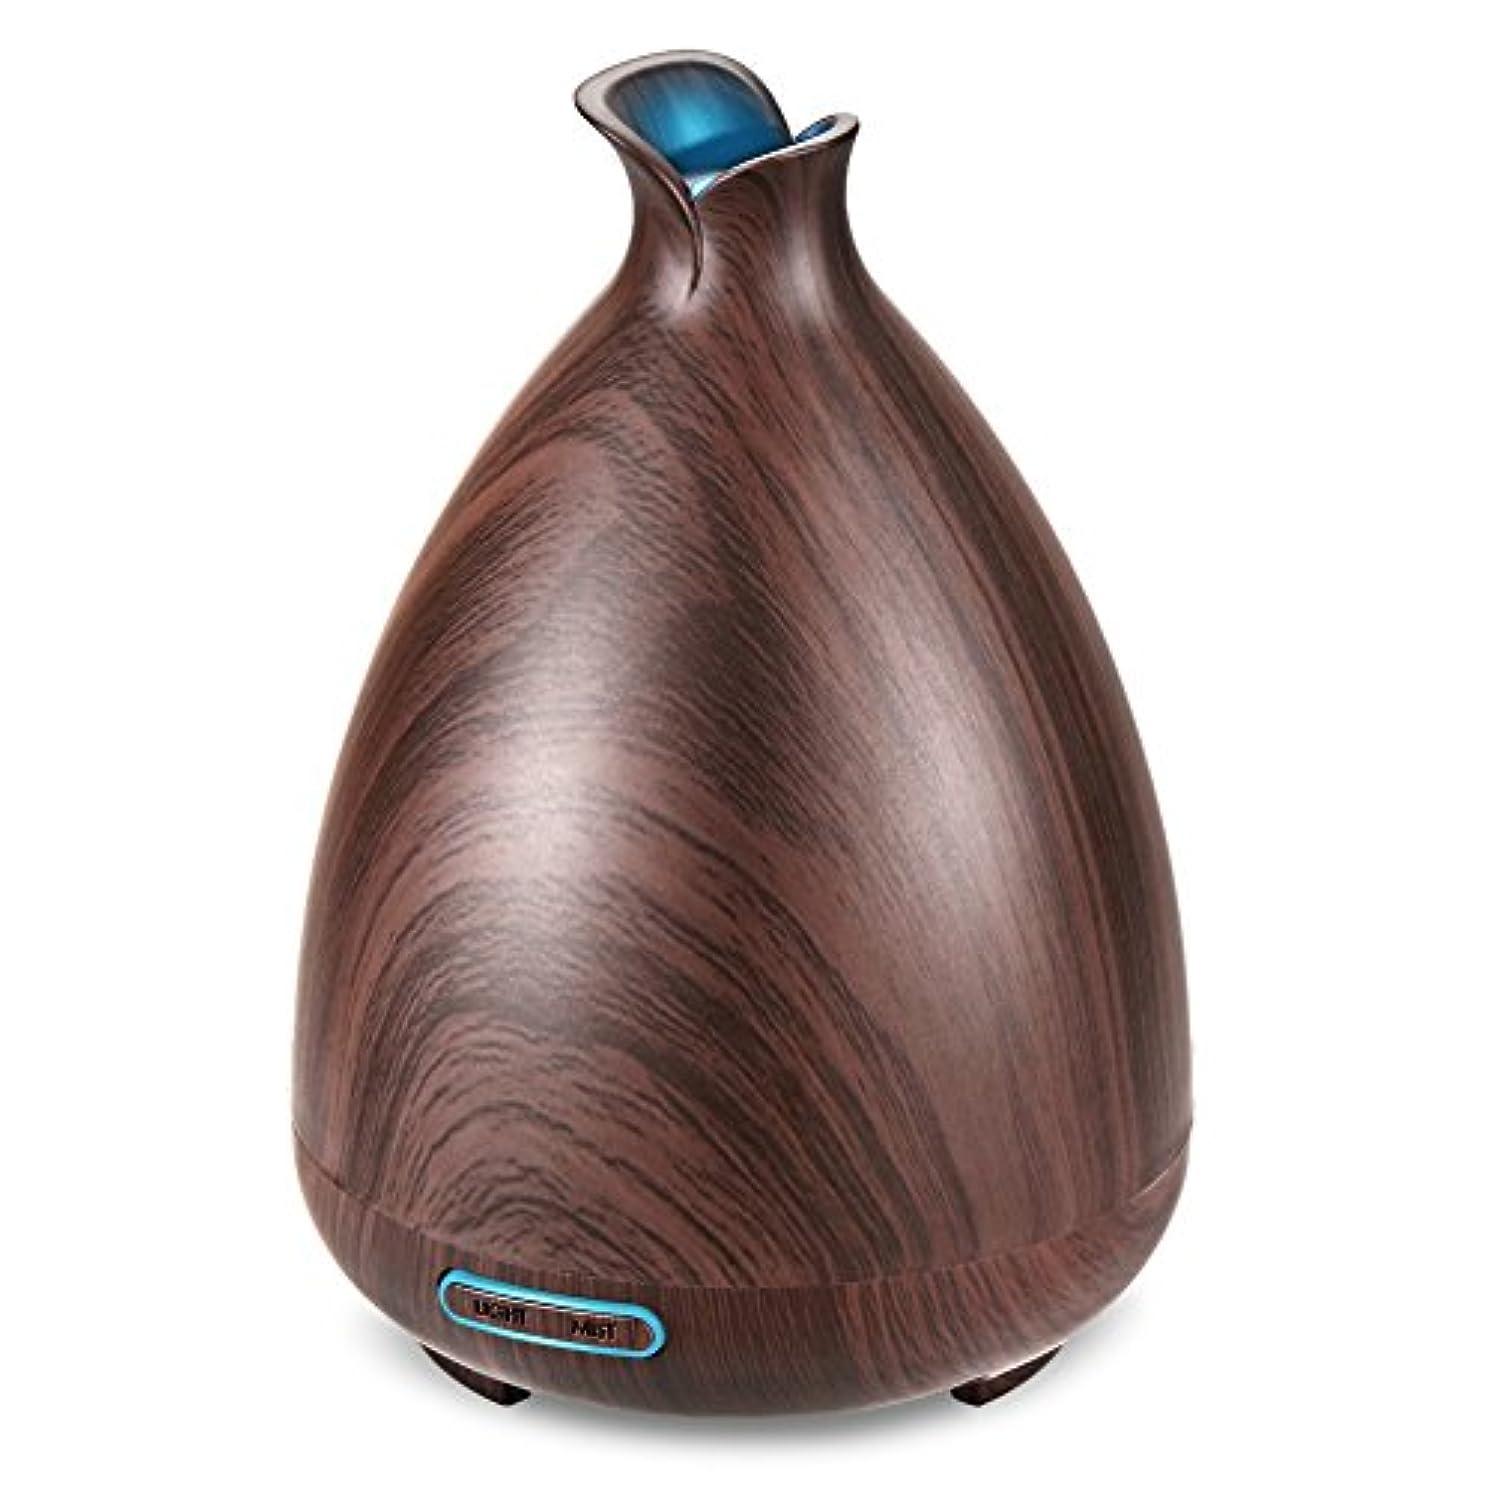 観客バックグラウンド再編成する(Brown) - URPOWER Essential Oil Diffuser 130ml Wood Grain Ultrasonic Aromatherapy Oil Diffuser with Adjustable...